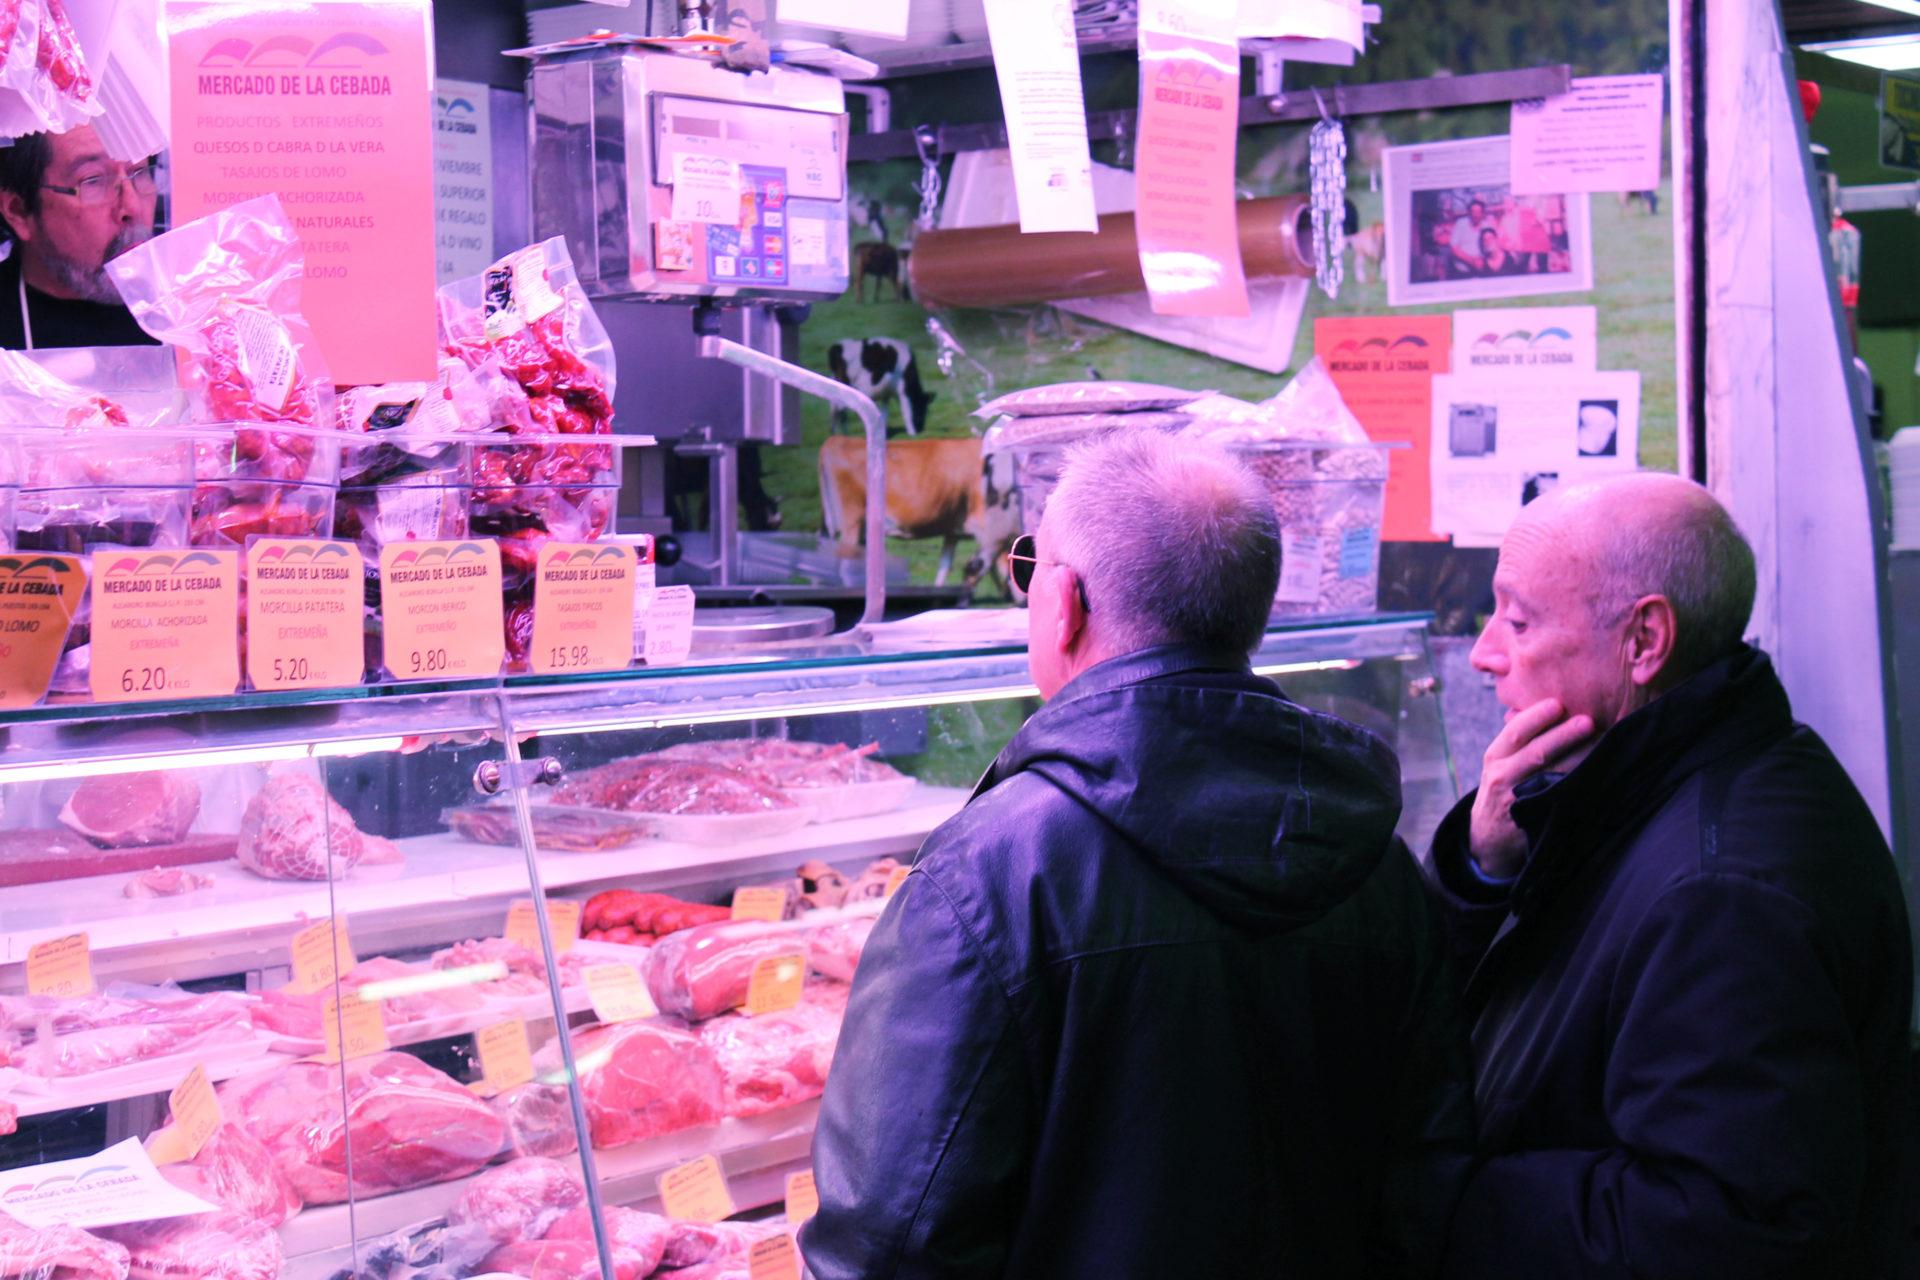 Mercado de la Cebada, alimentos, consumo, precios, comida, mercado (13)